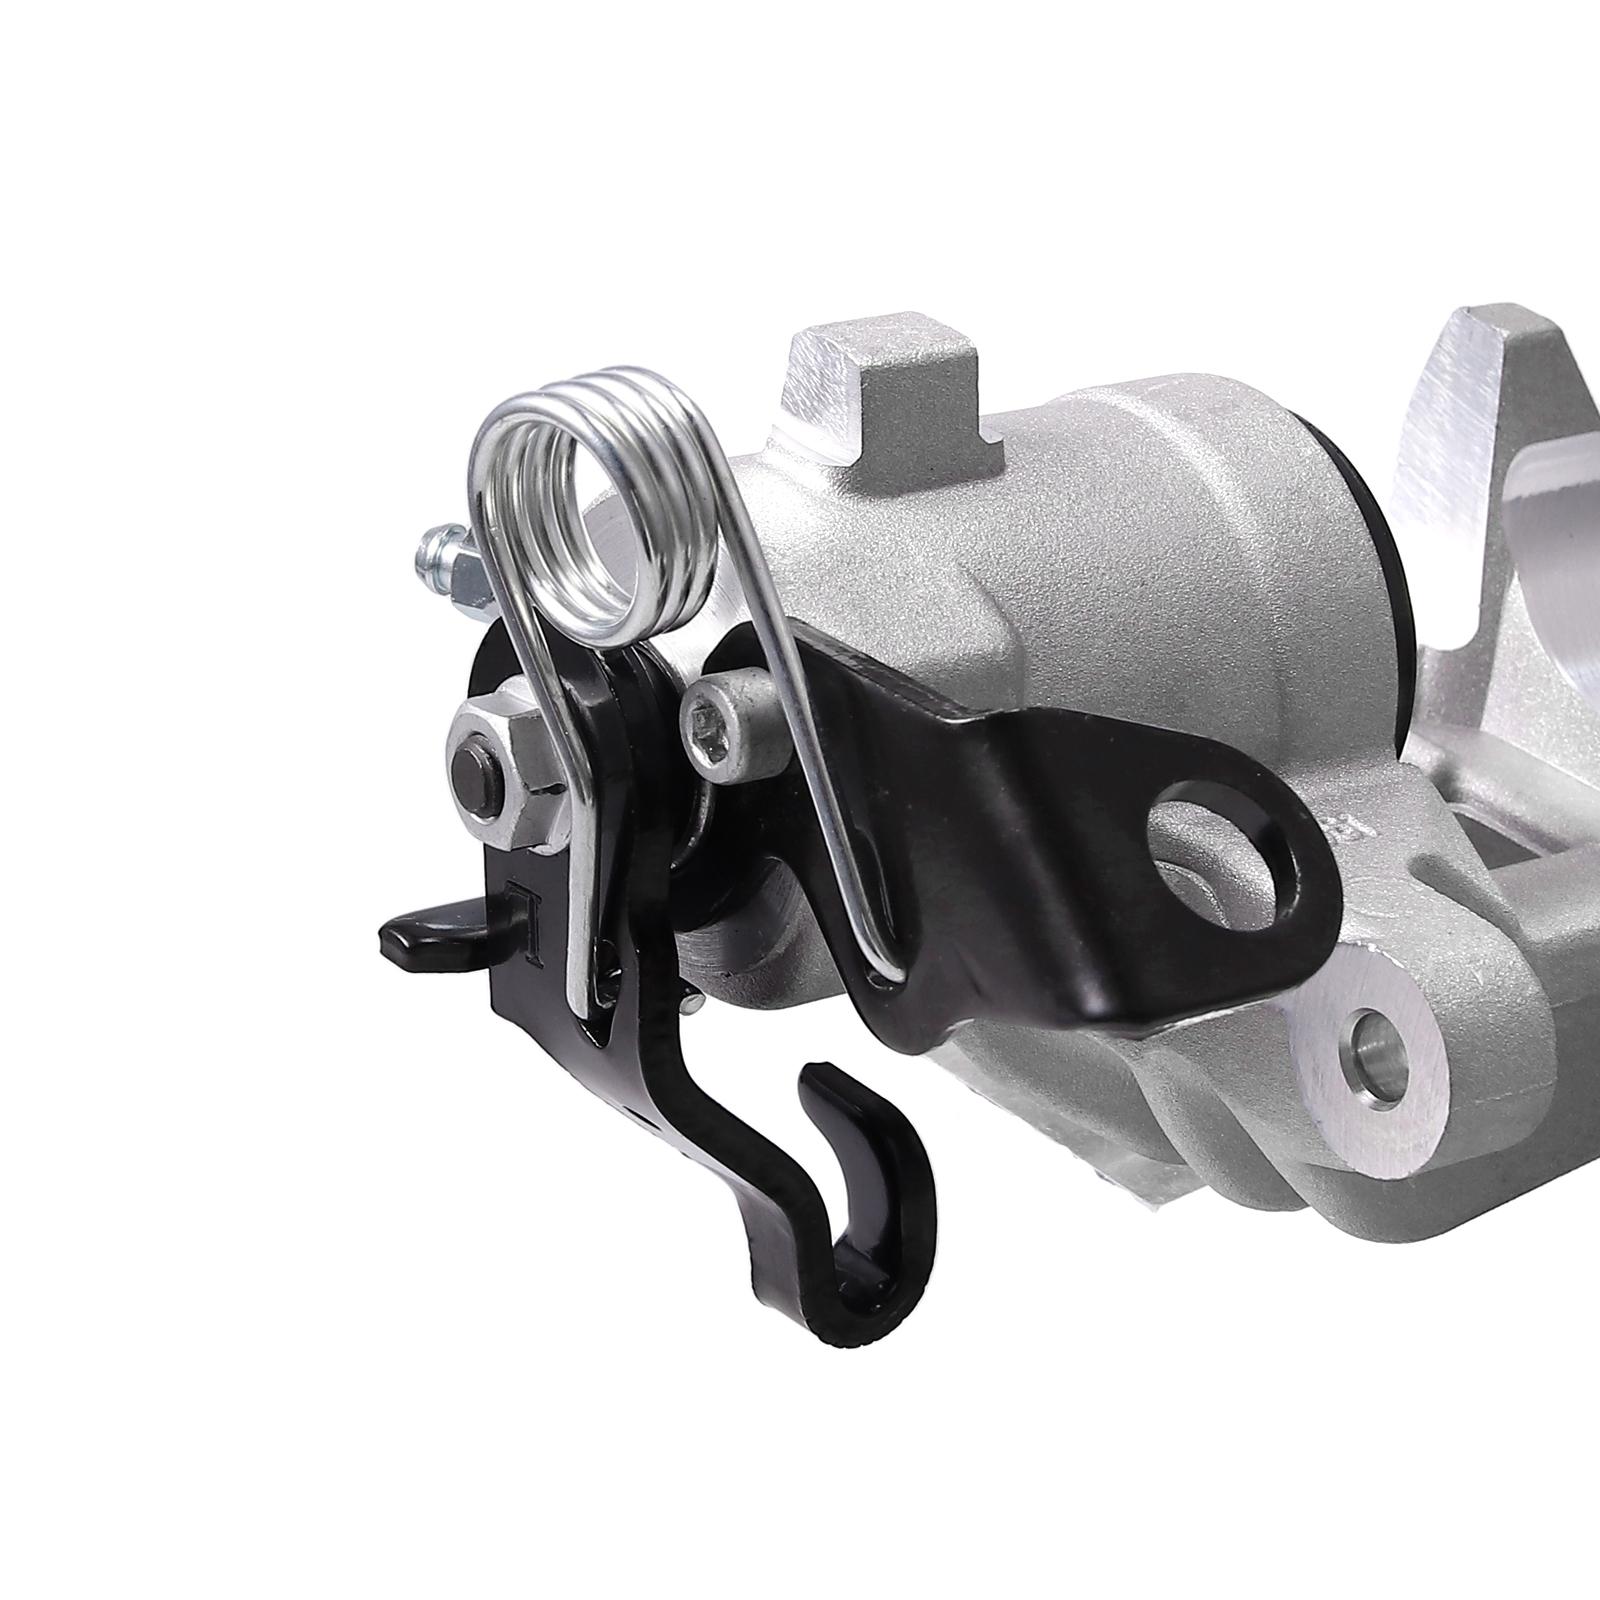 Bremssattel Bremszange Hinten Links Für VW Polo 9A4 Audi A2 Seat Cordoba Ibiza V